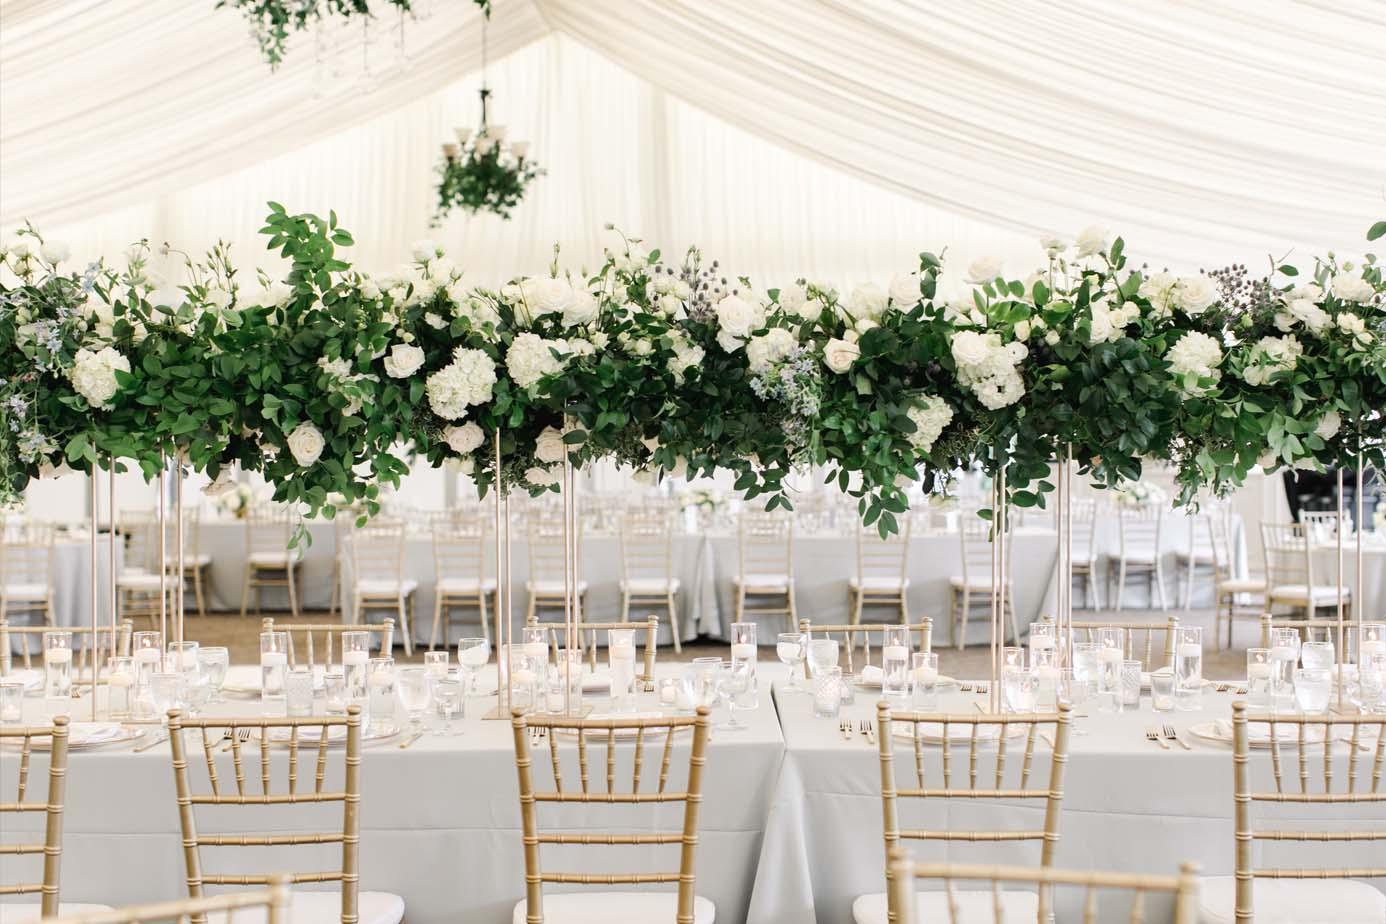 Oregon Golf Club wedding tent floral design